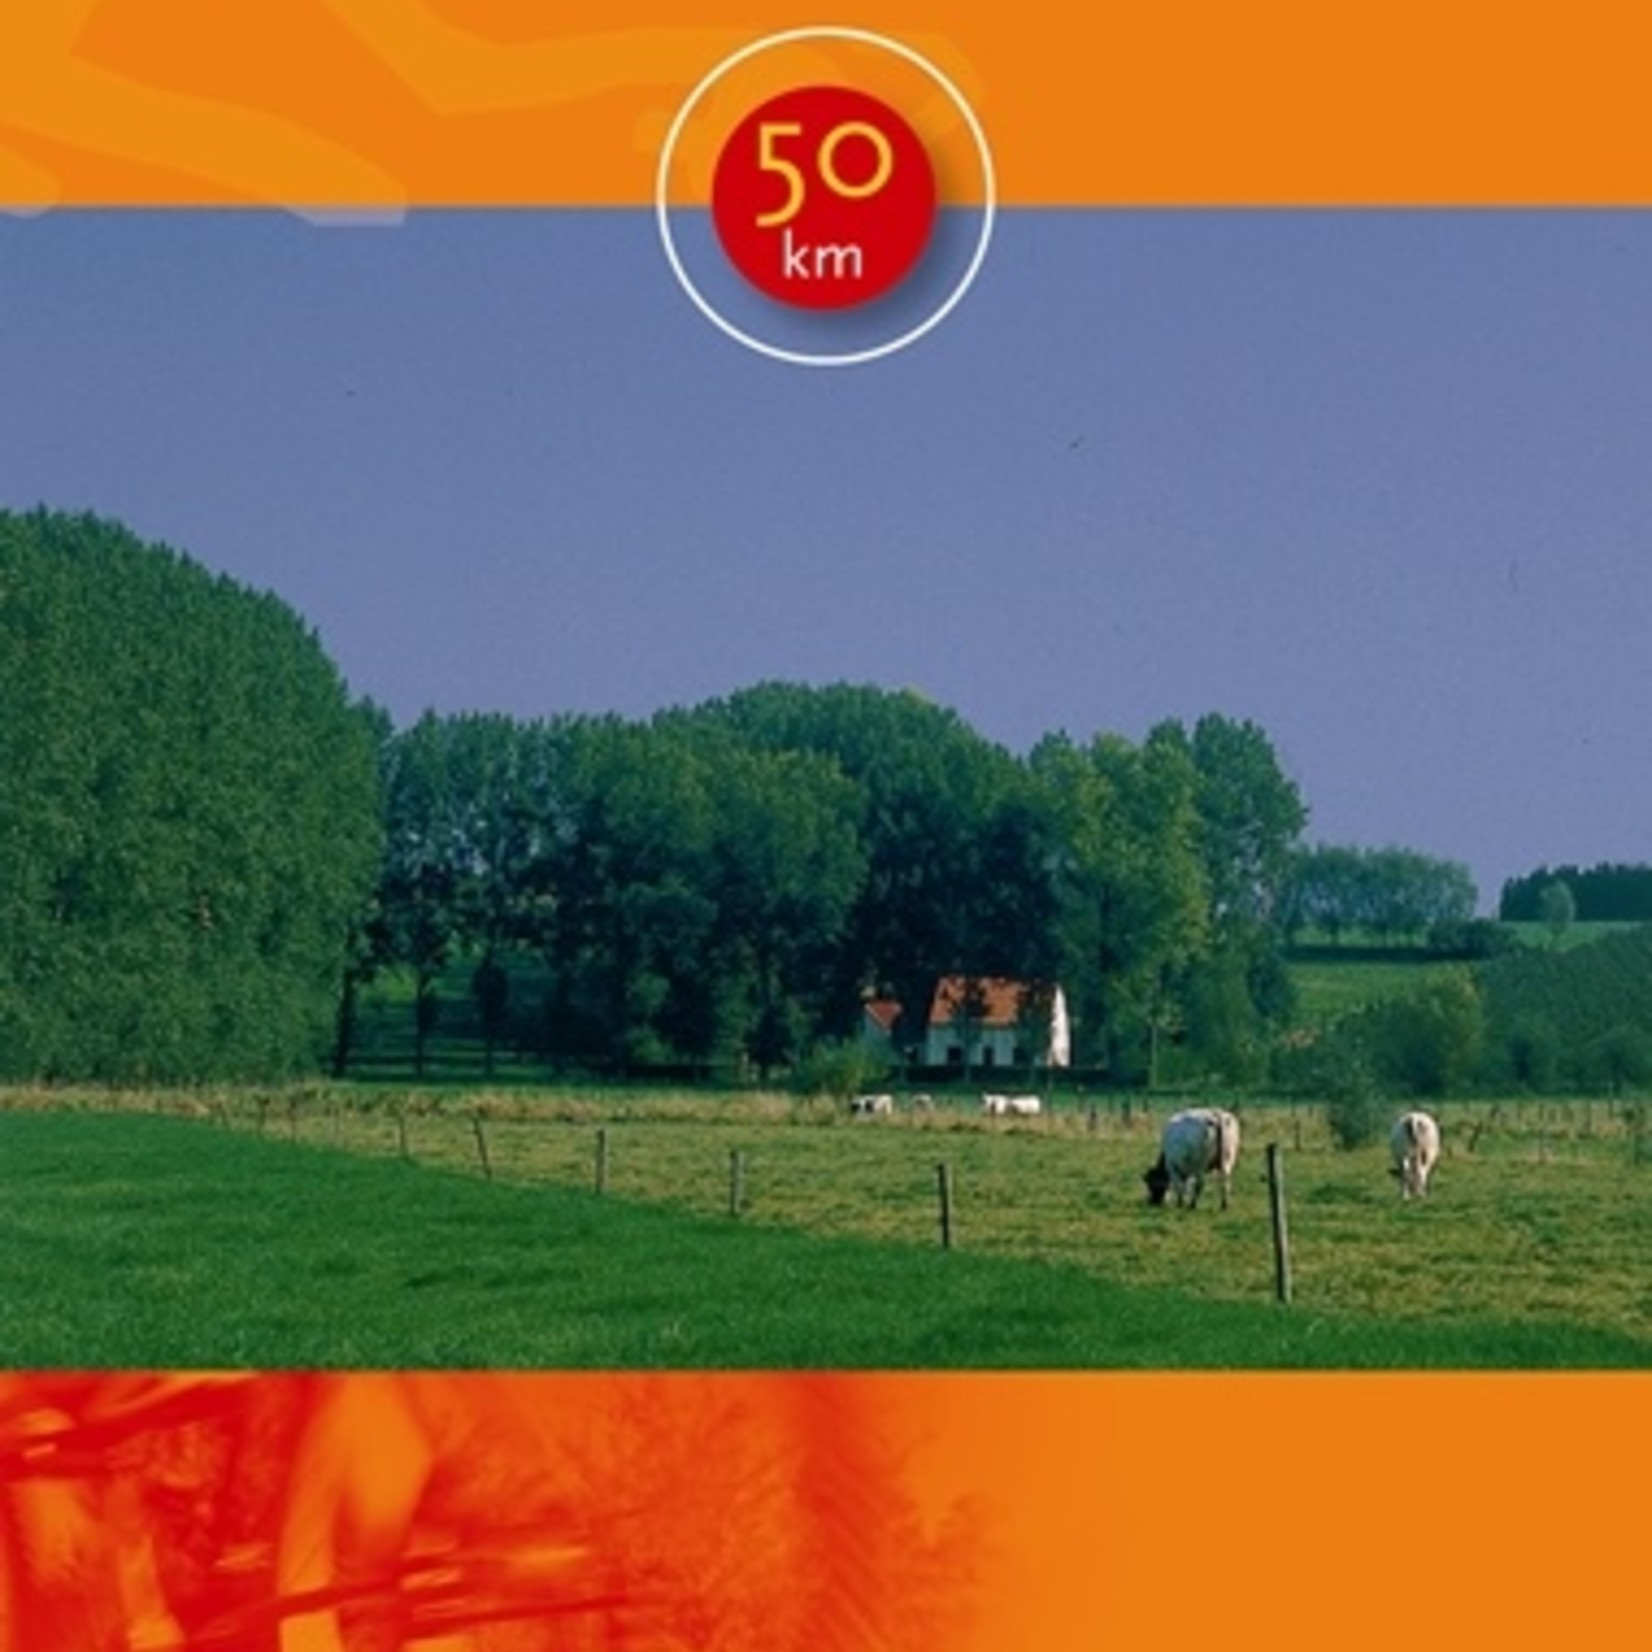 Kaart fietsroute 'Milieu' (Scheldeland/Vlaamse Ardennen/Leiestreek)-> 50km